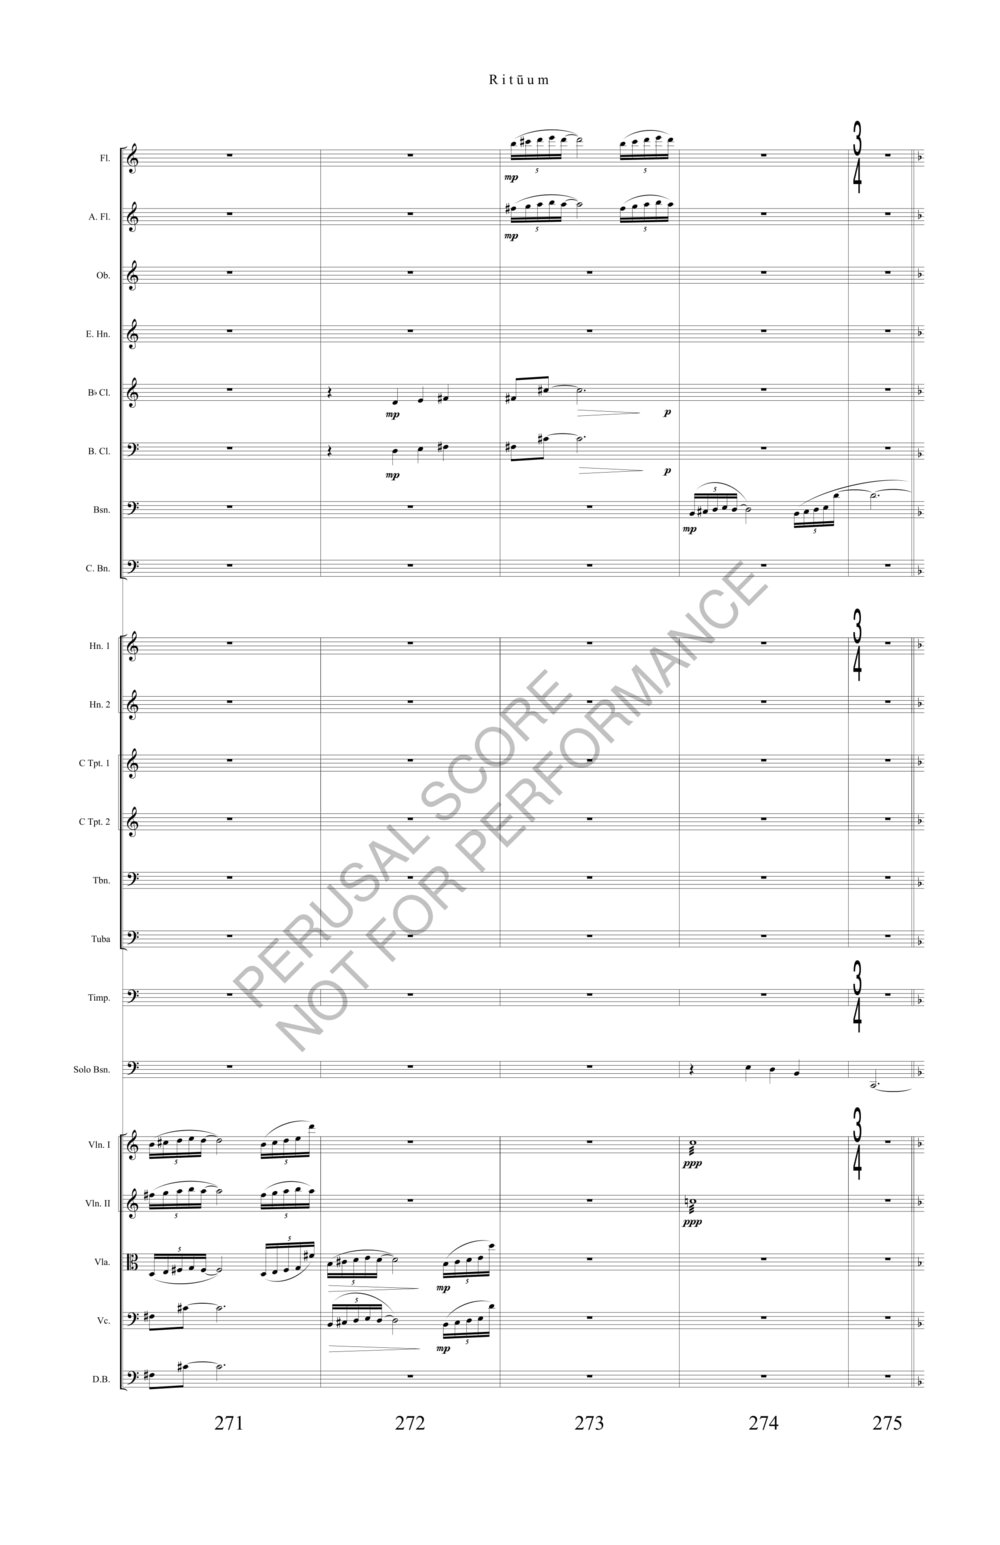 Boyd Rituum Score-watermark (1)-63.jpg